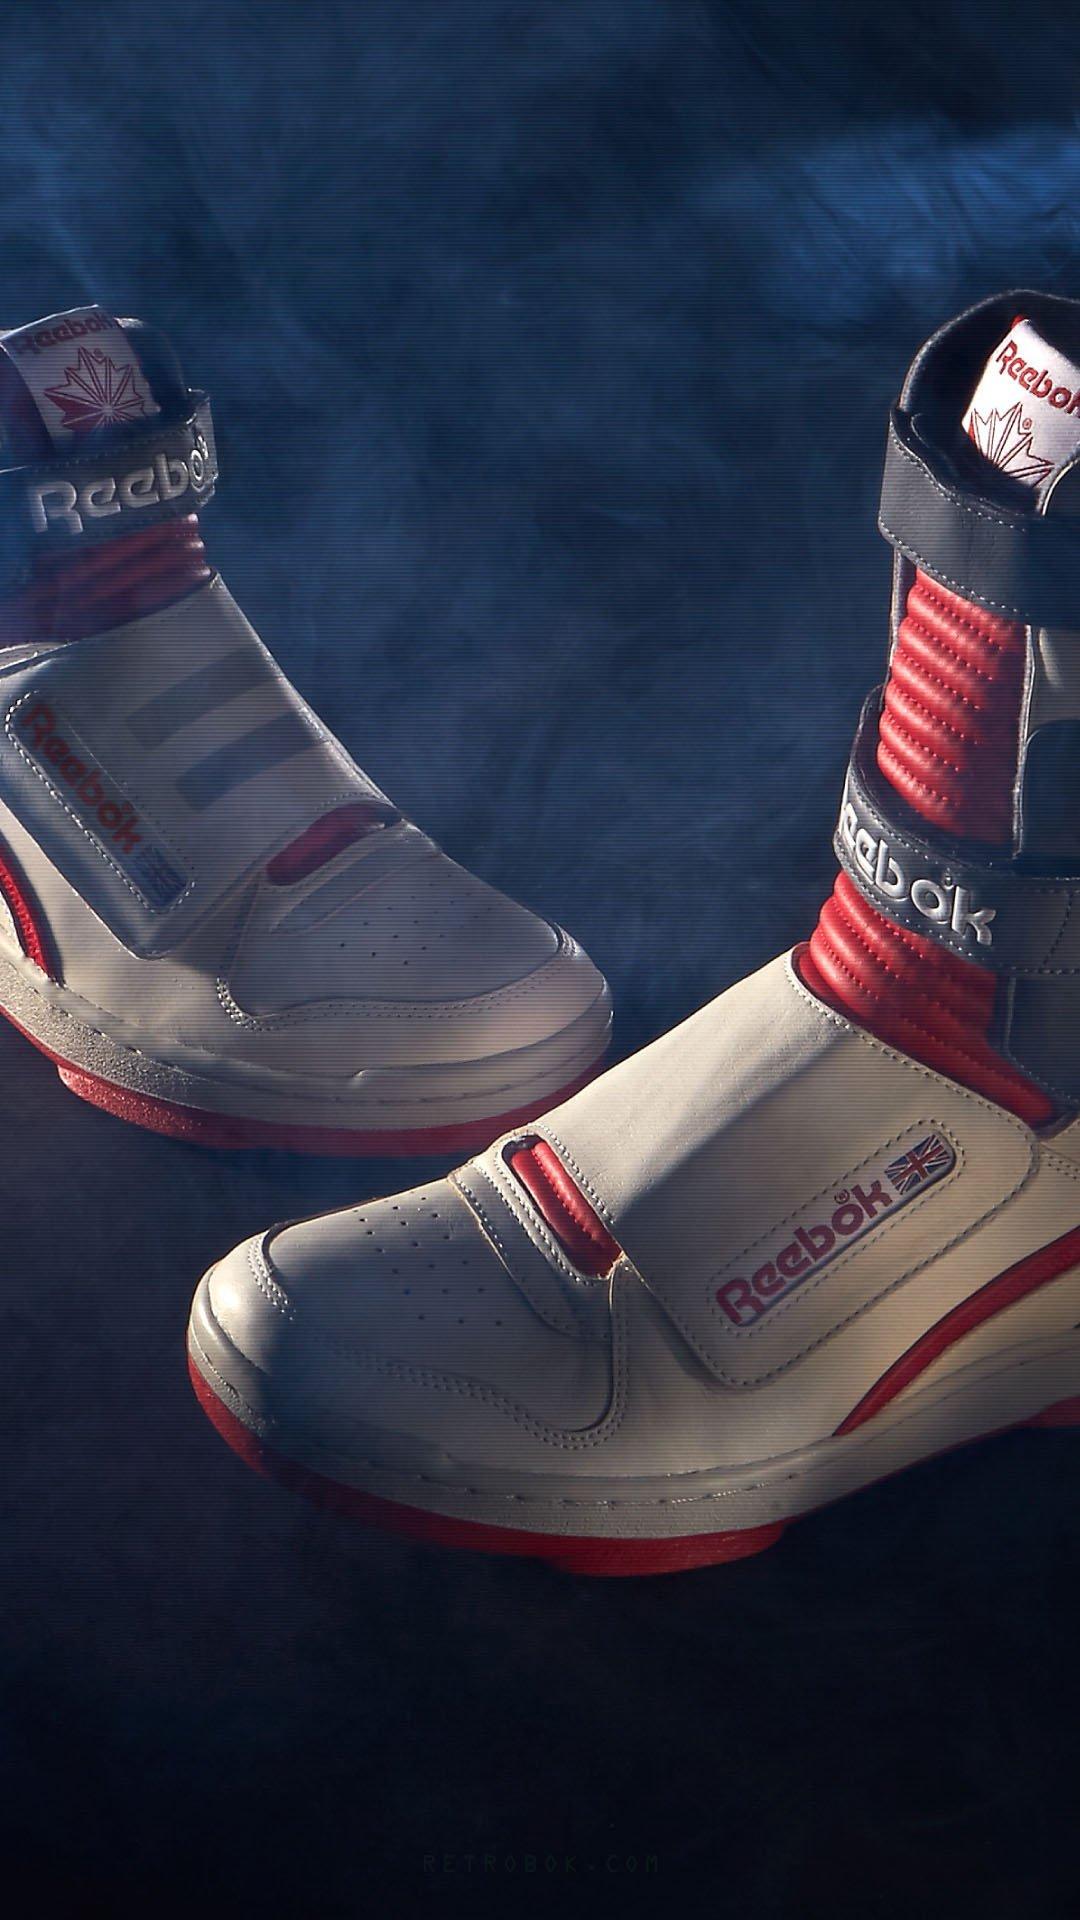 54+ Wallpapers Sneakers Hypebeast on WallpaperSafari